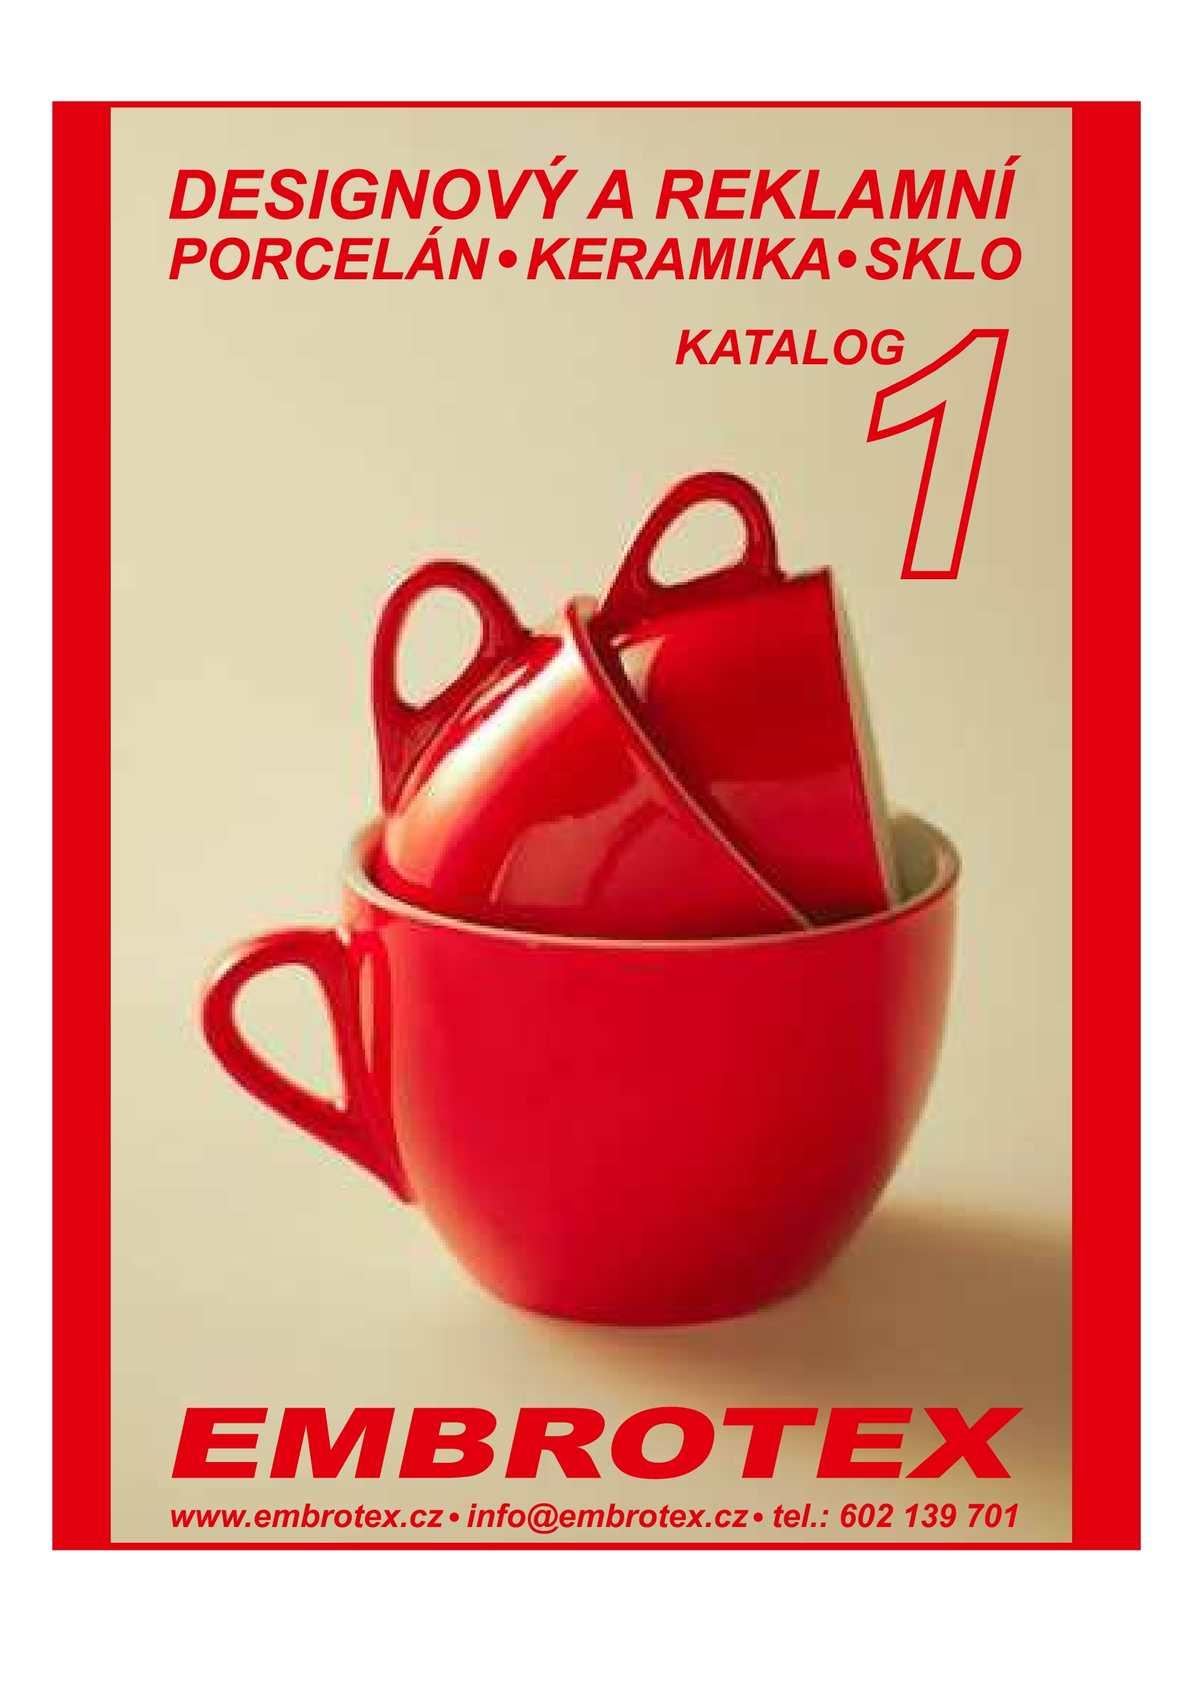 Designový reklamní porcelán 1 katalog